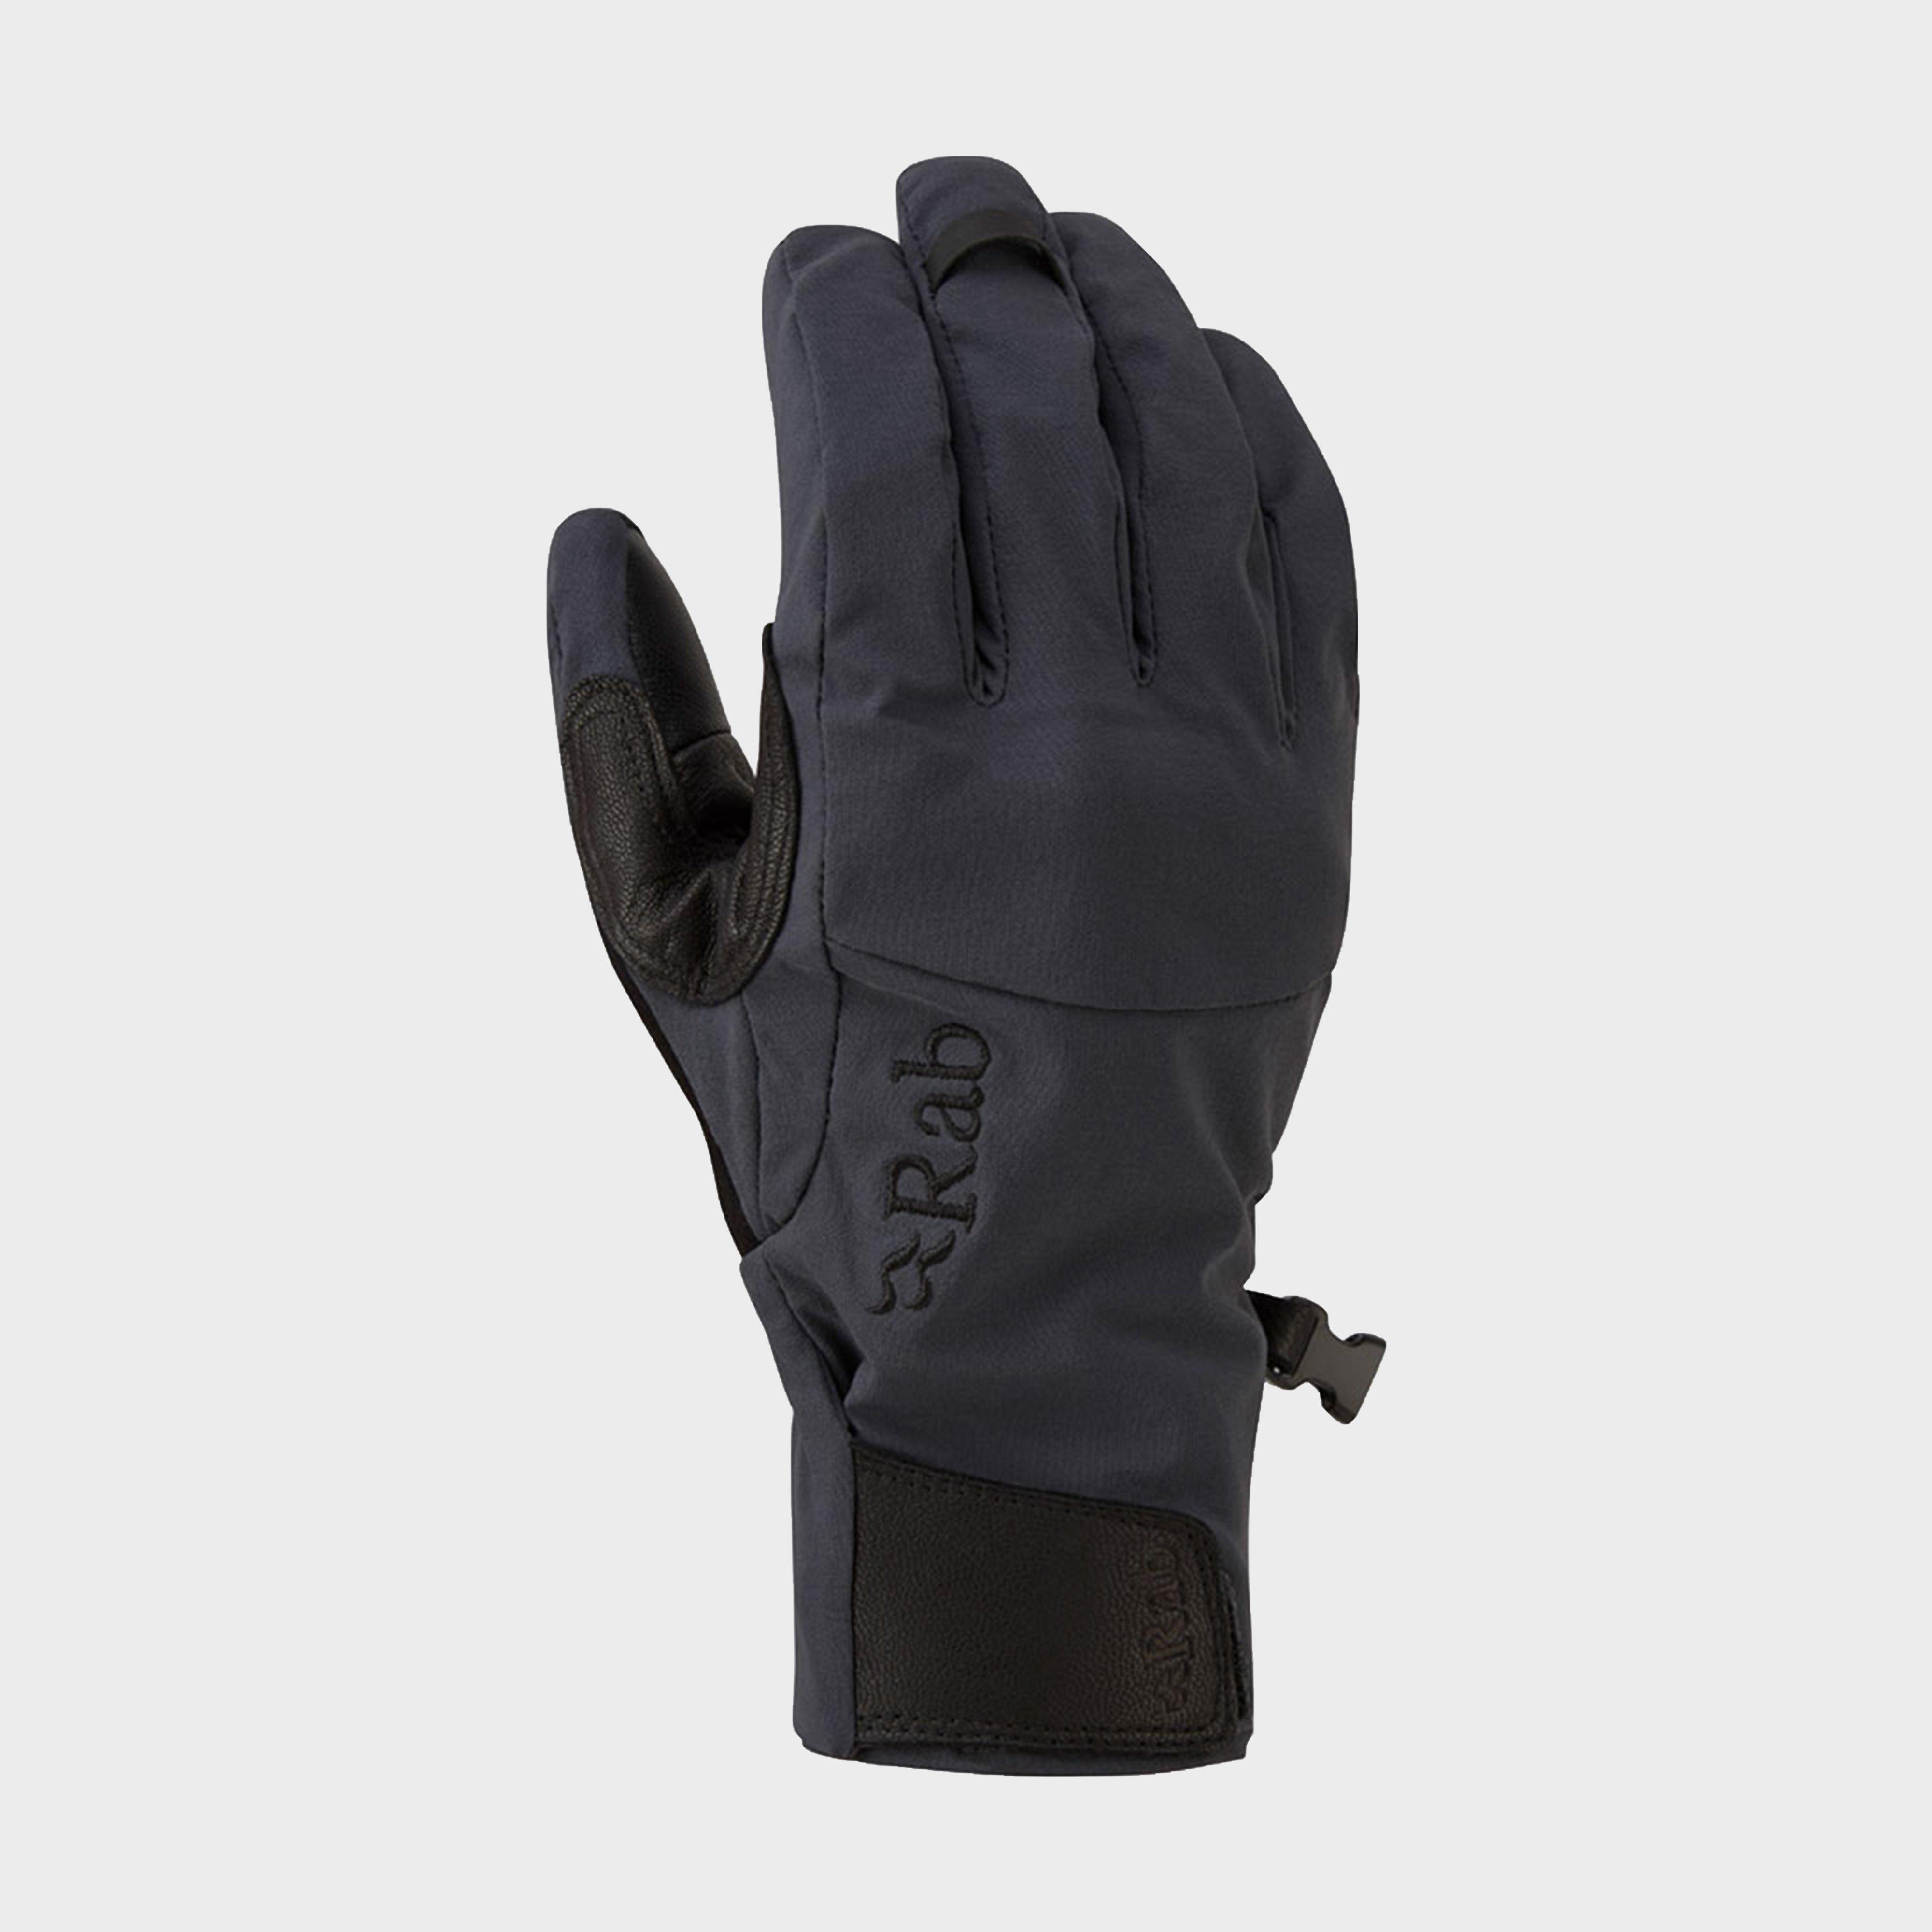 Rab Rab Vapour-rise Gloves - N/A, N/A